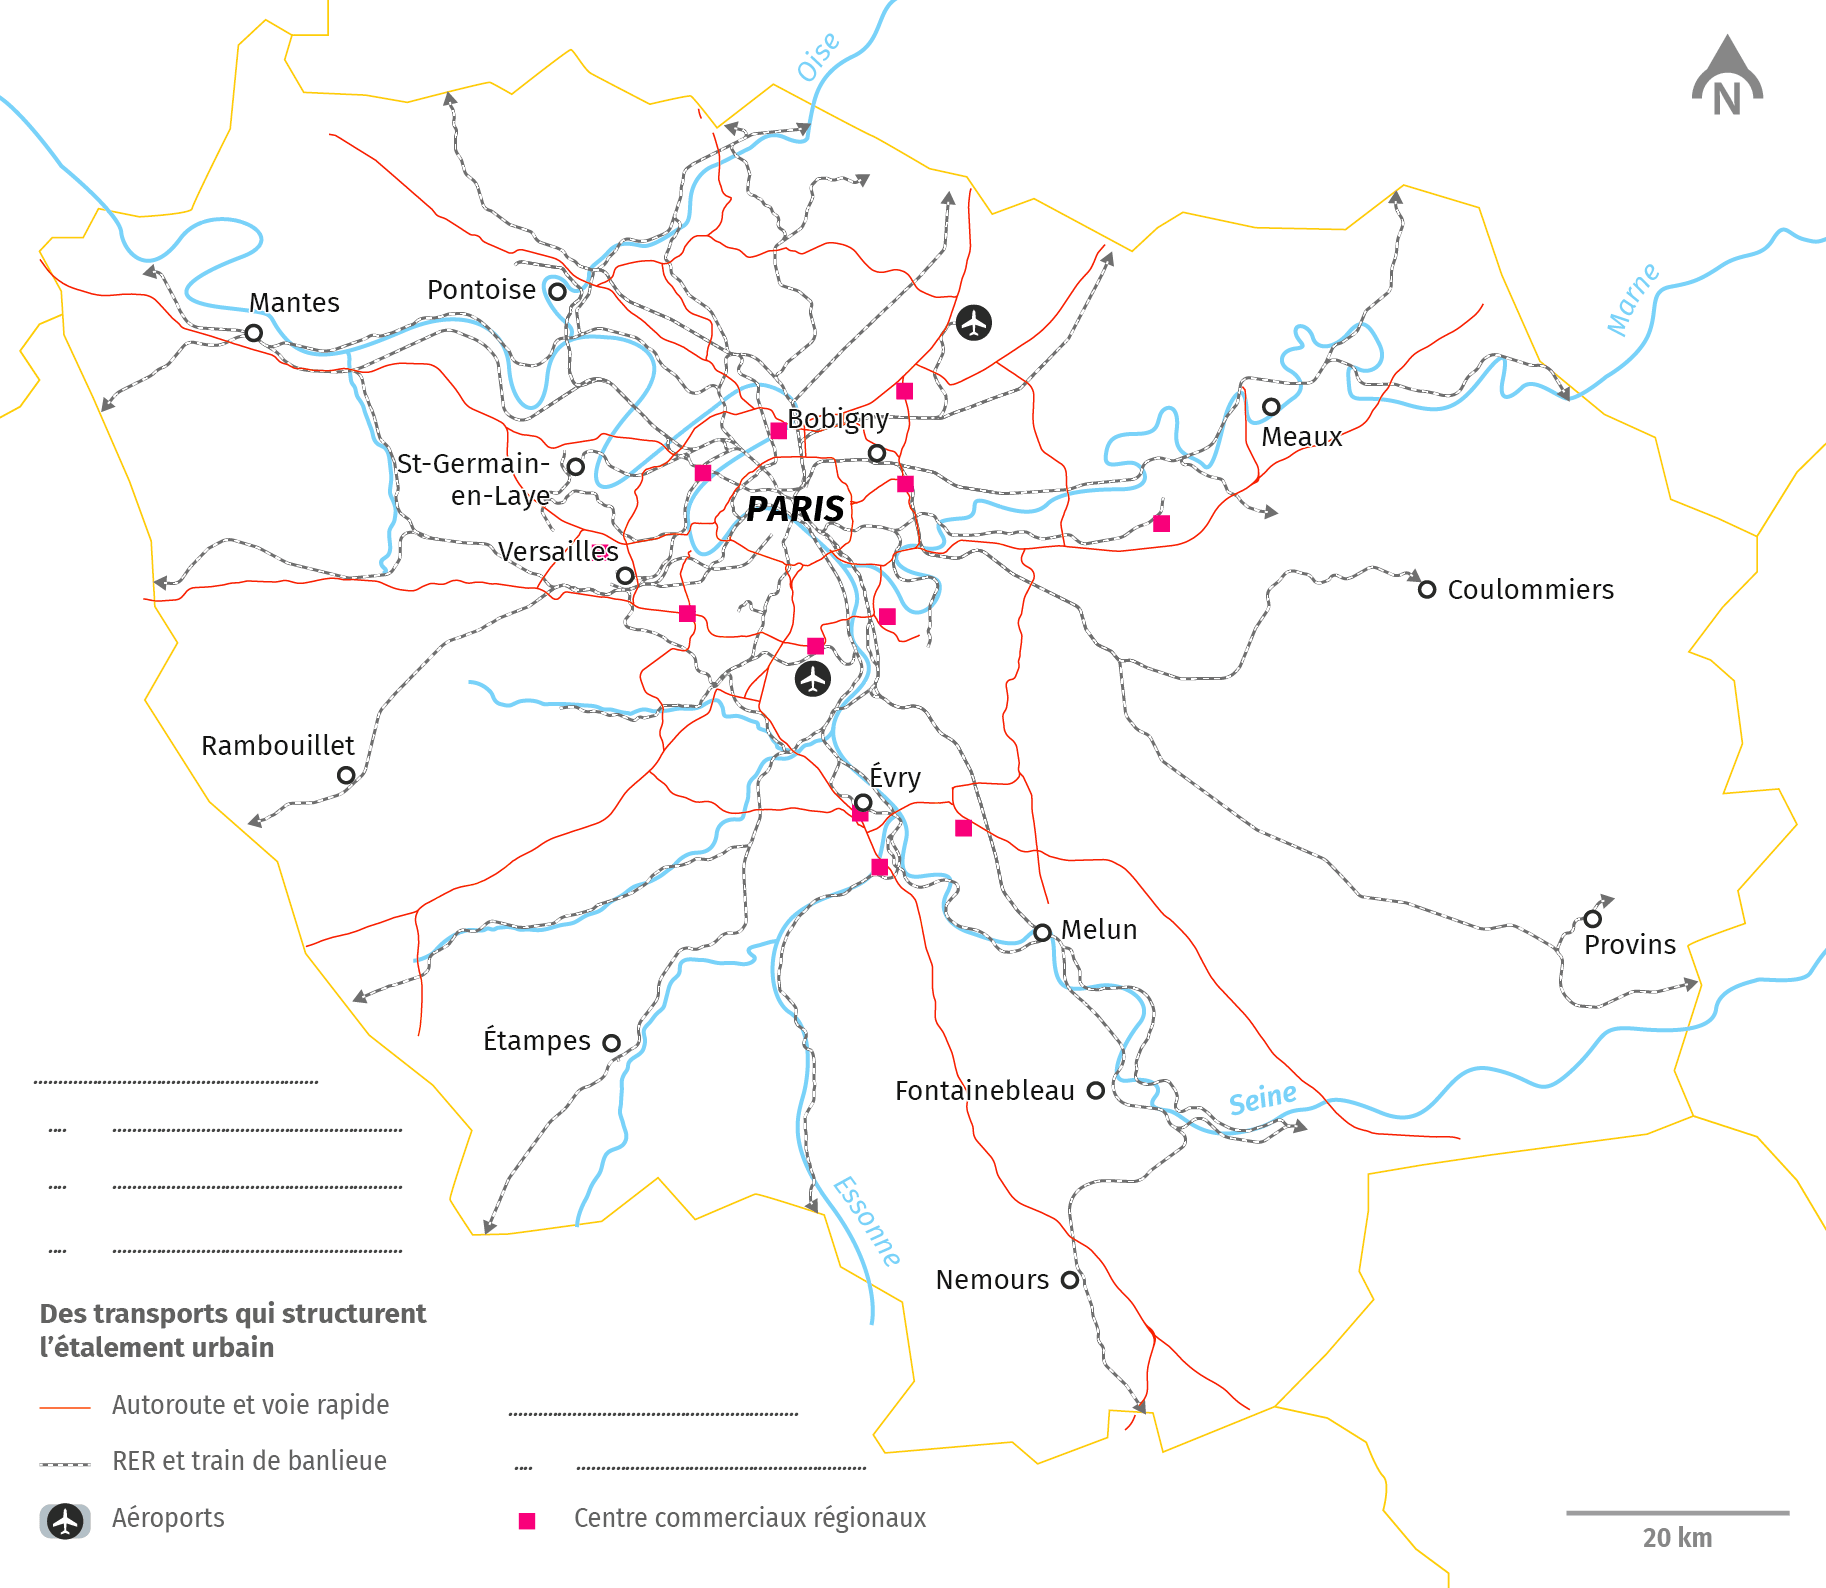 La périurbanisation en Île-de-France